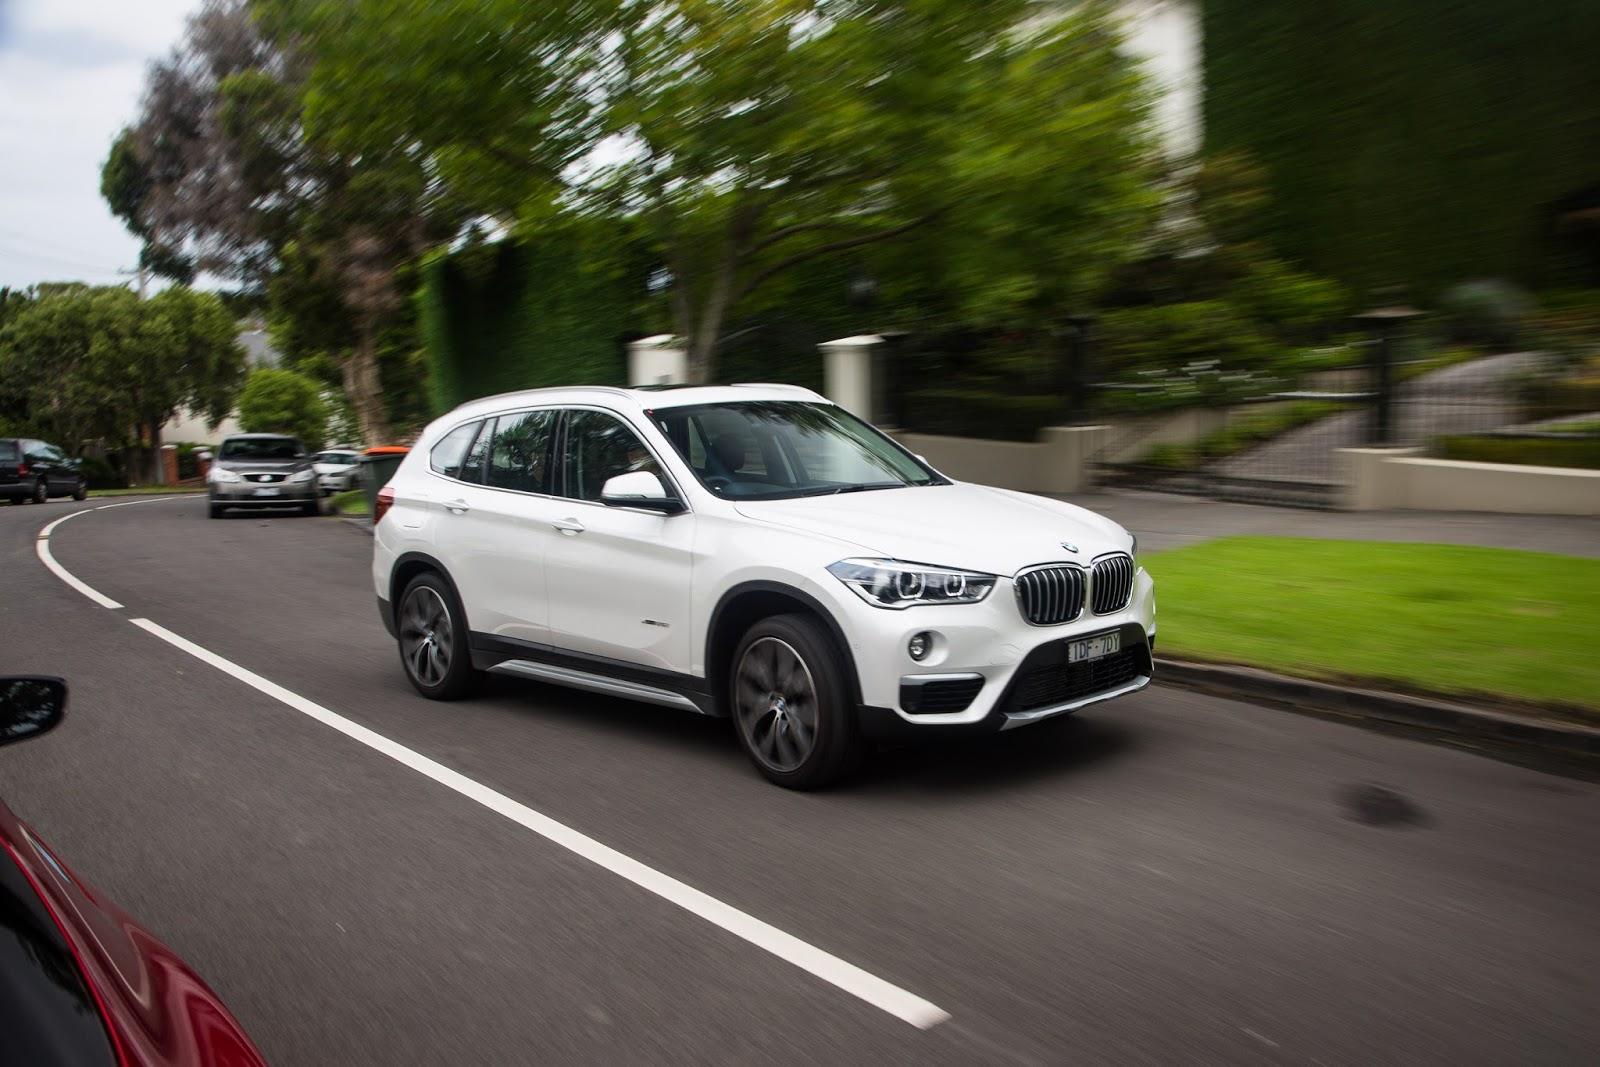 BMW X1 là chiếc xe được ưa chuộng nhất trong phân khúc